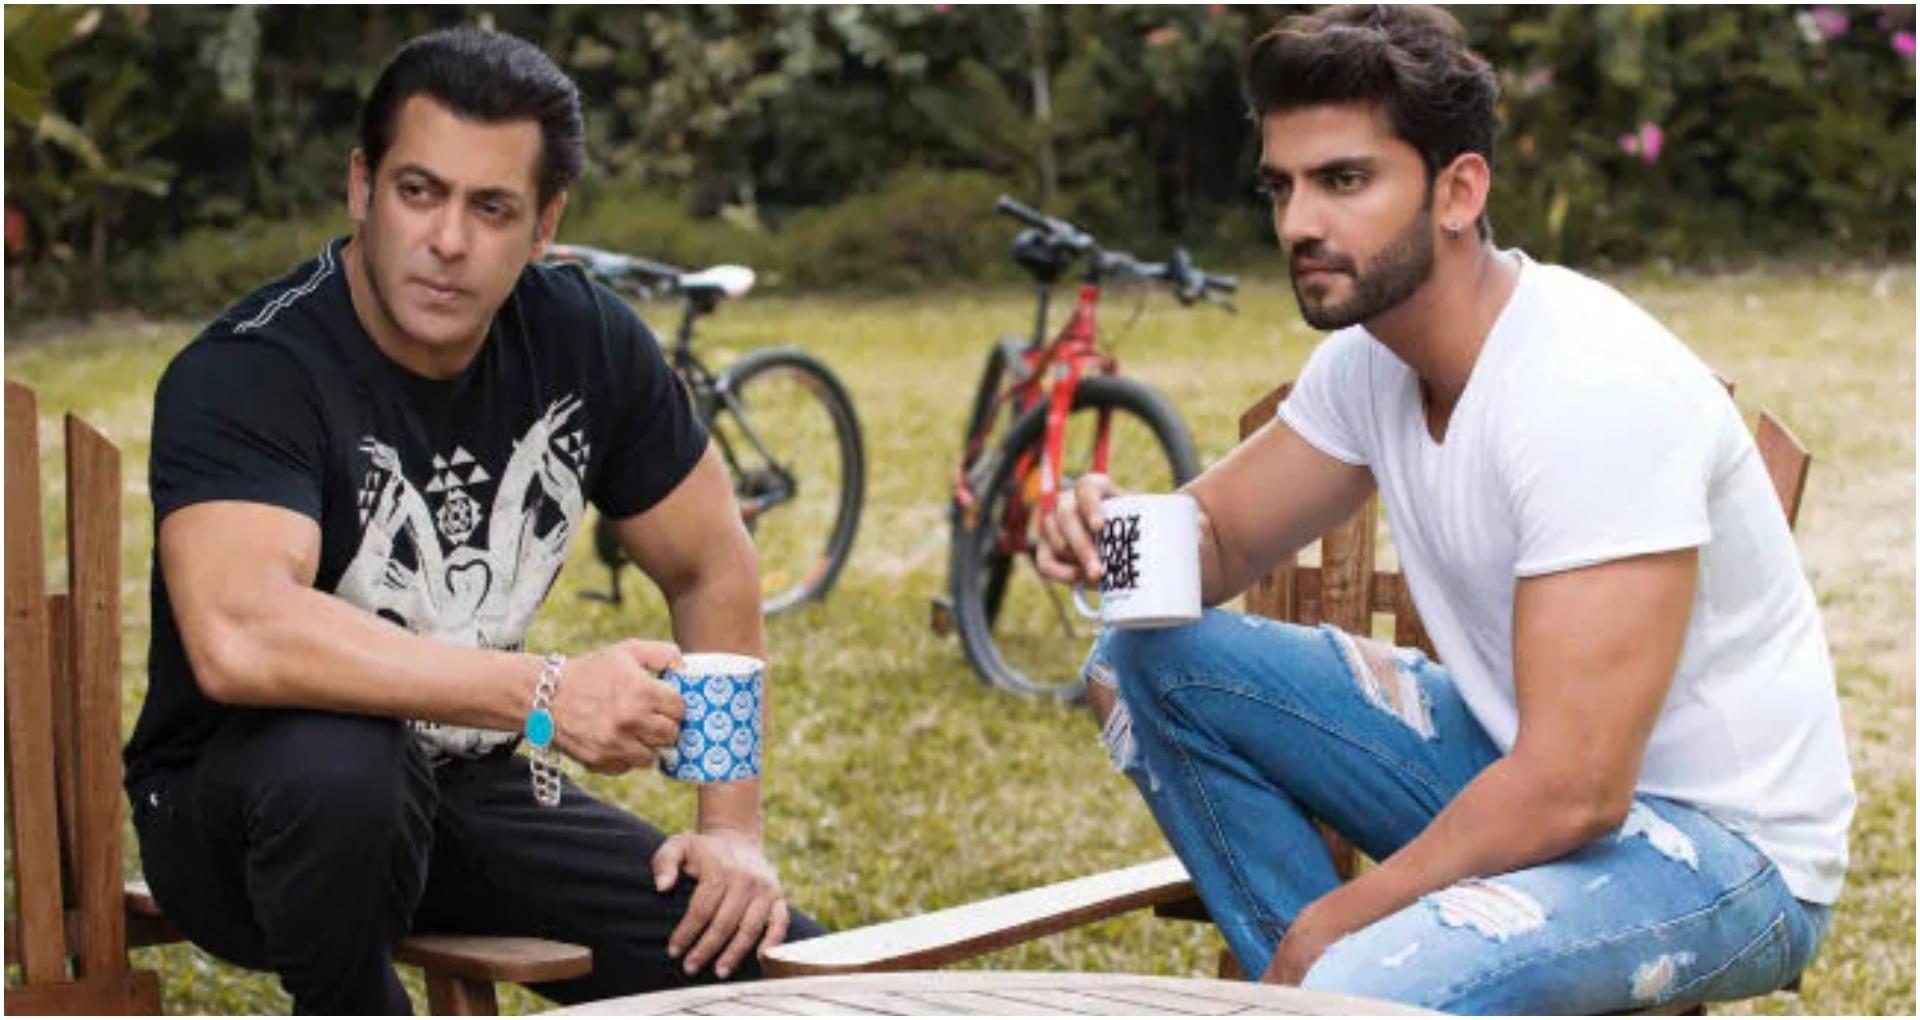 जहीर इकबालएक्सक्लूसिव: सलमान खान ने जब मुझे पहली बार देखा तो उनको लगा कि मैं नशे में हूं!